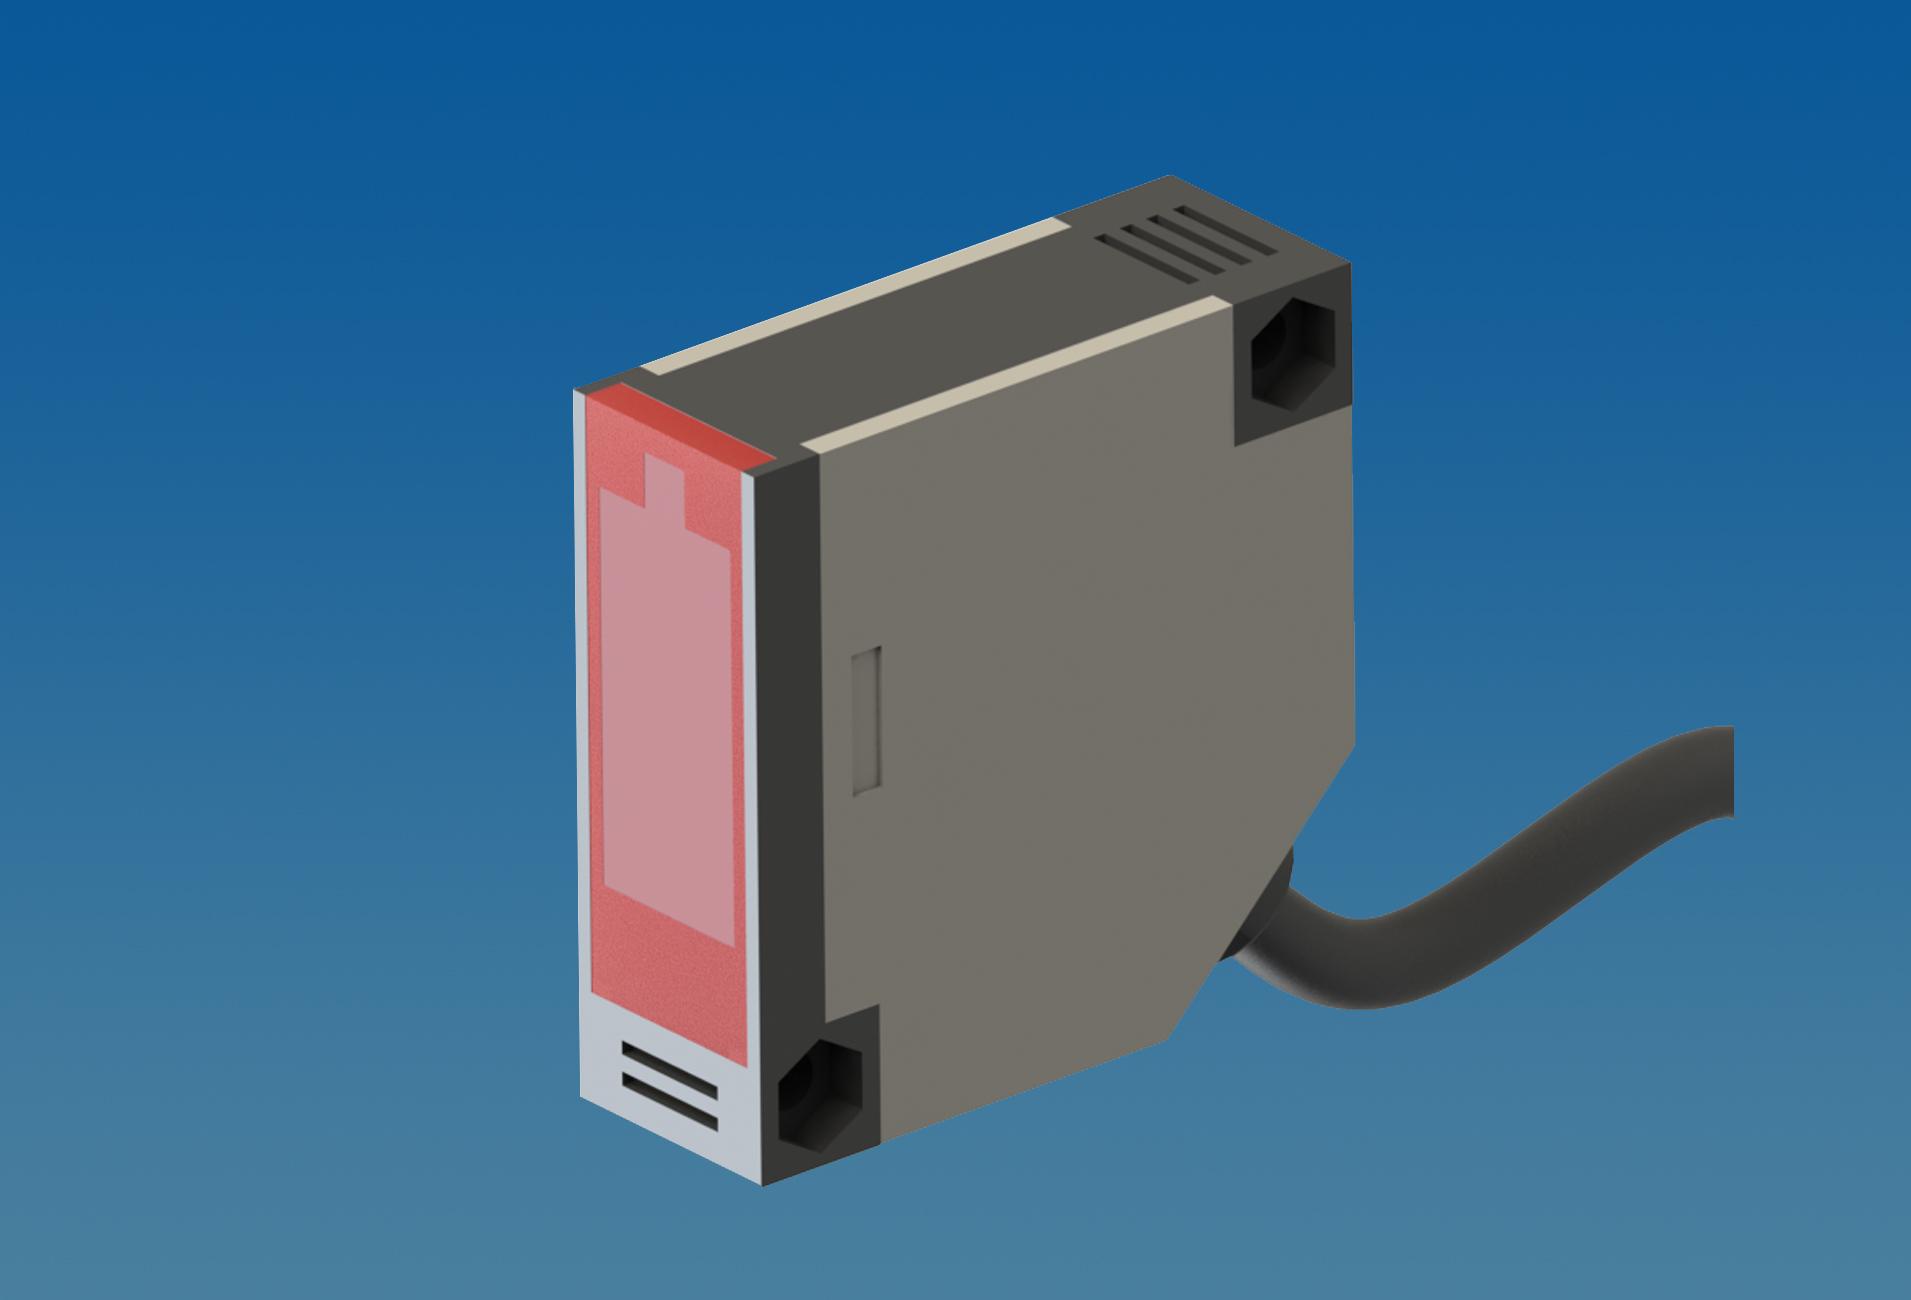 E3JK漫反射光电开关 无间距并排互不干扰